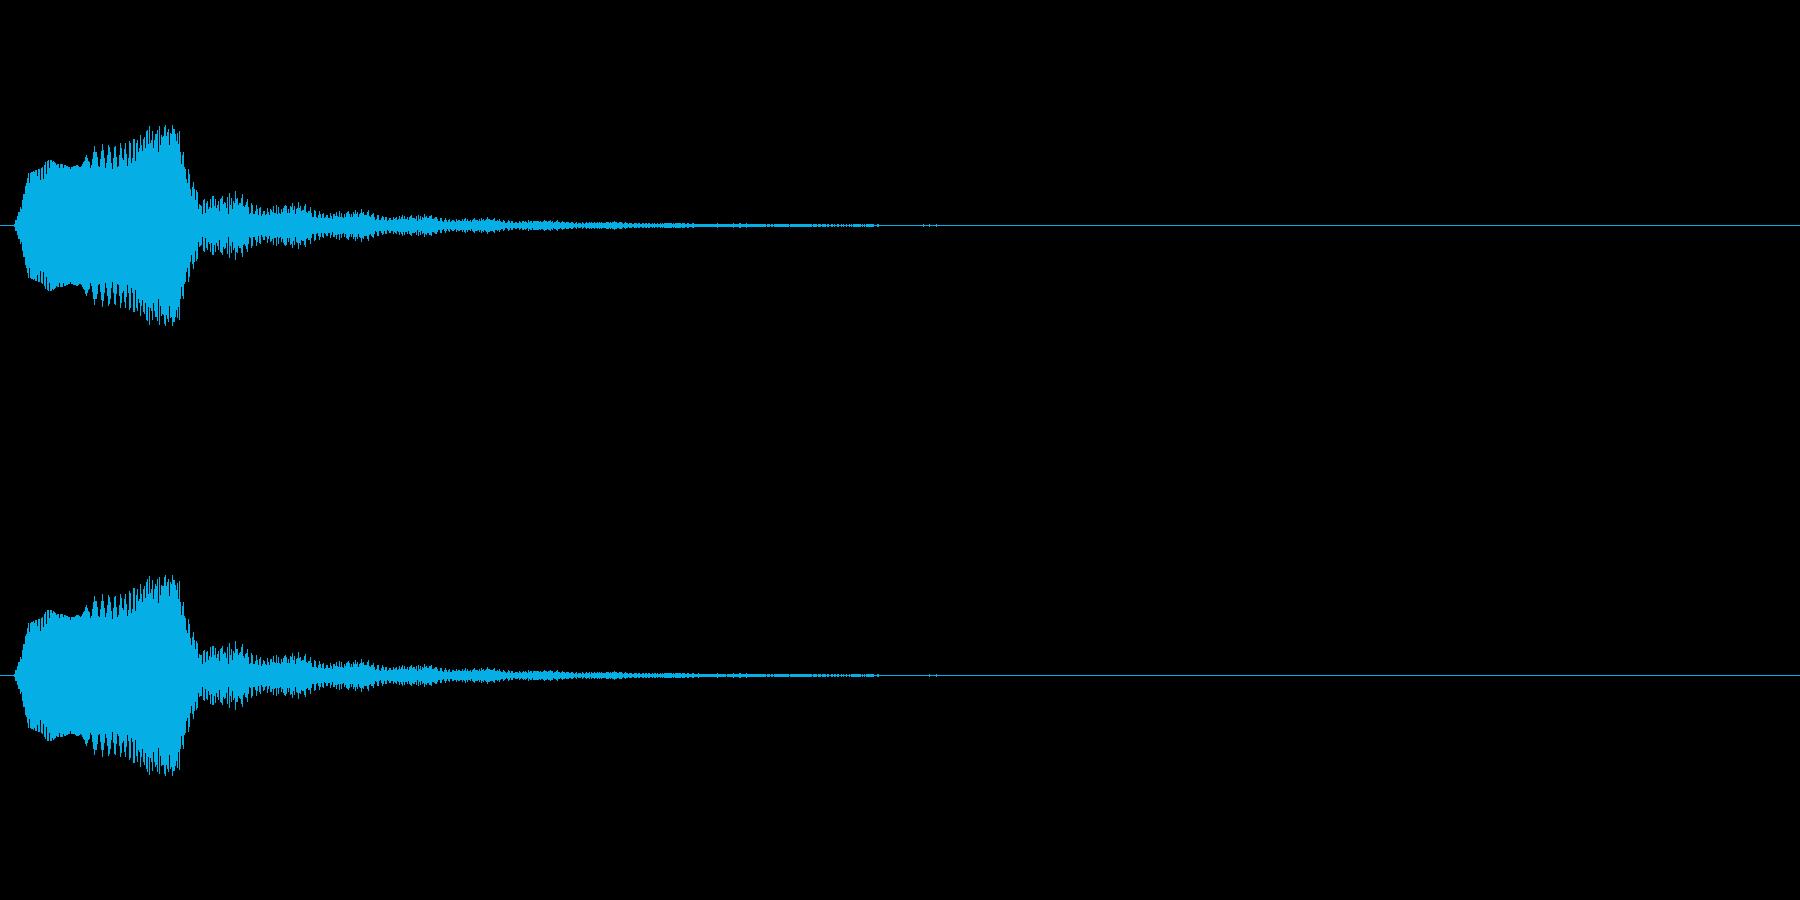 【ポップモーション05-1】の再生済みの波形